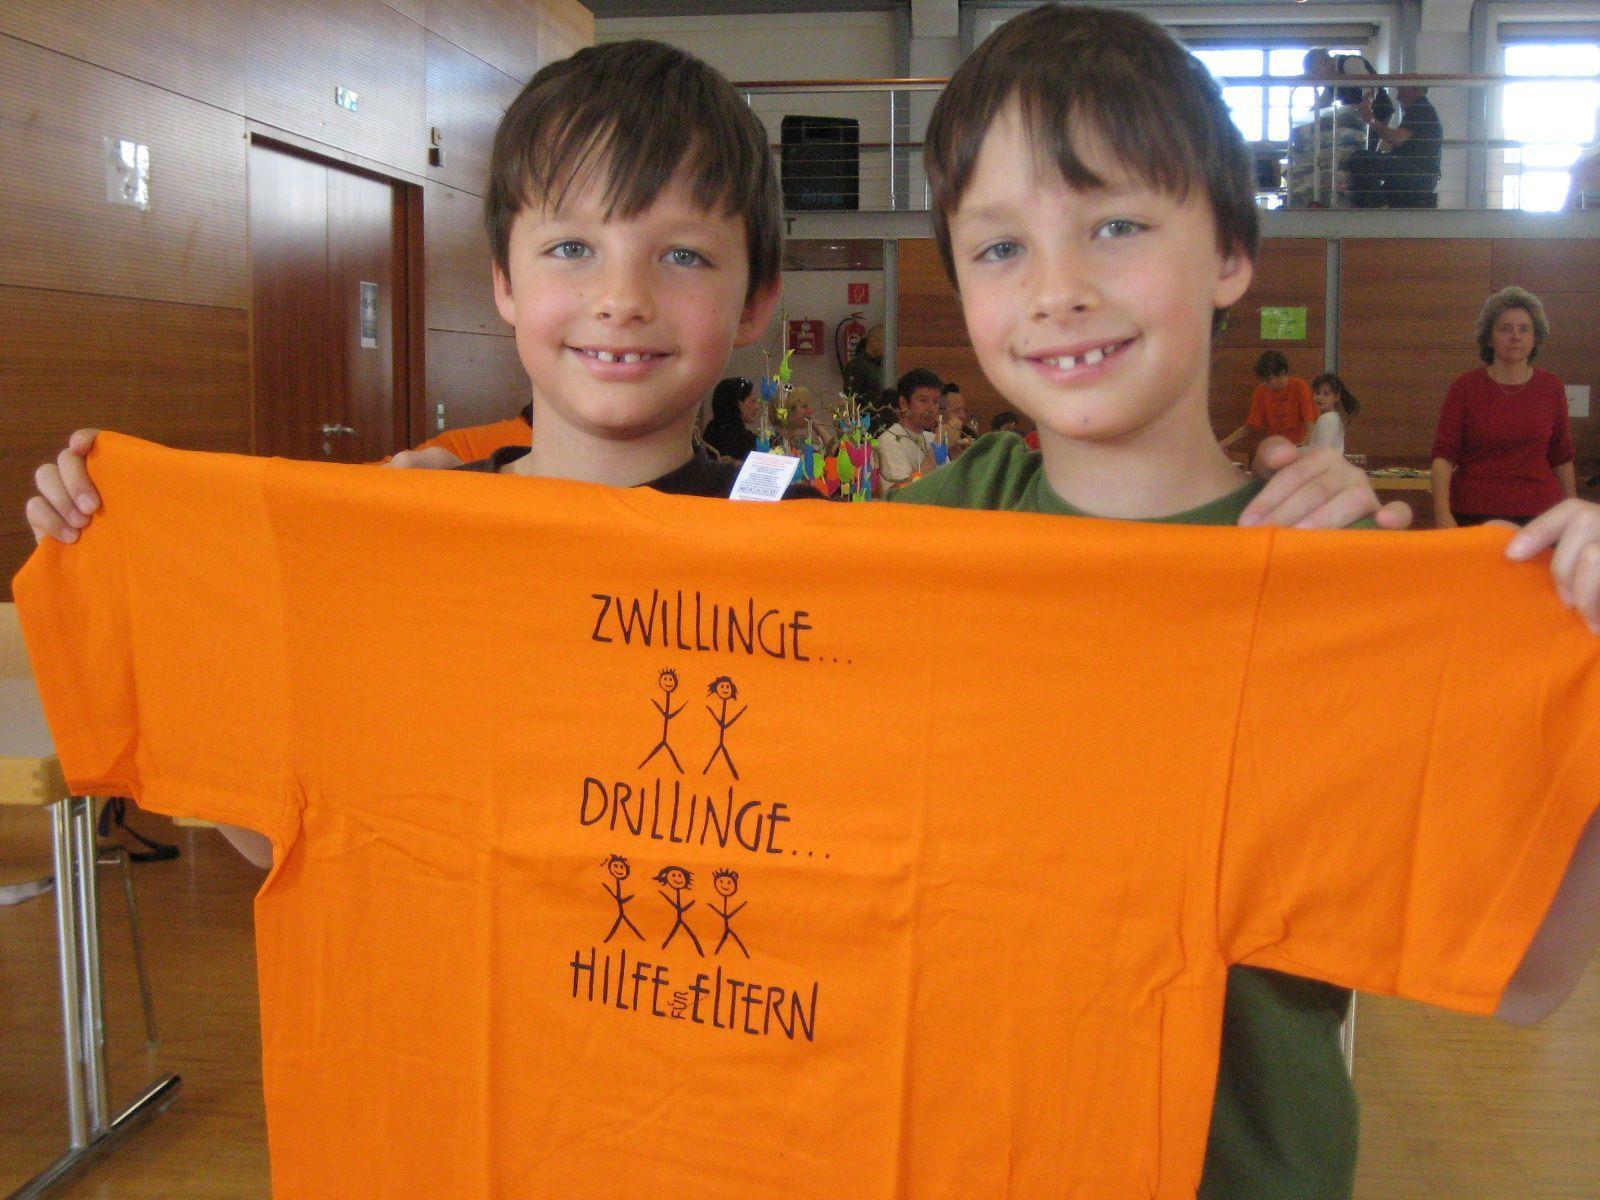 Die Zwillinge Eric und Luca hatten viel Spass bei der Kleiderbörse.